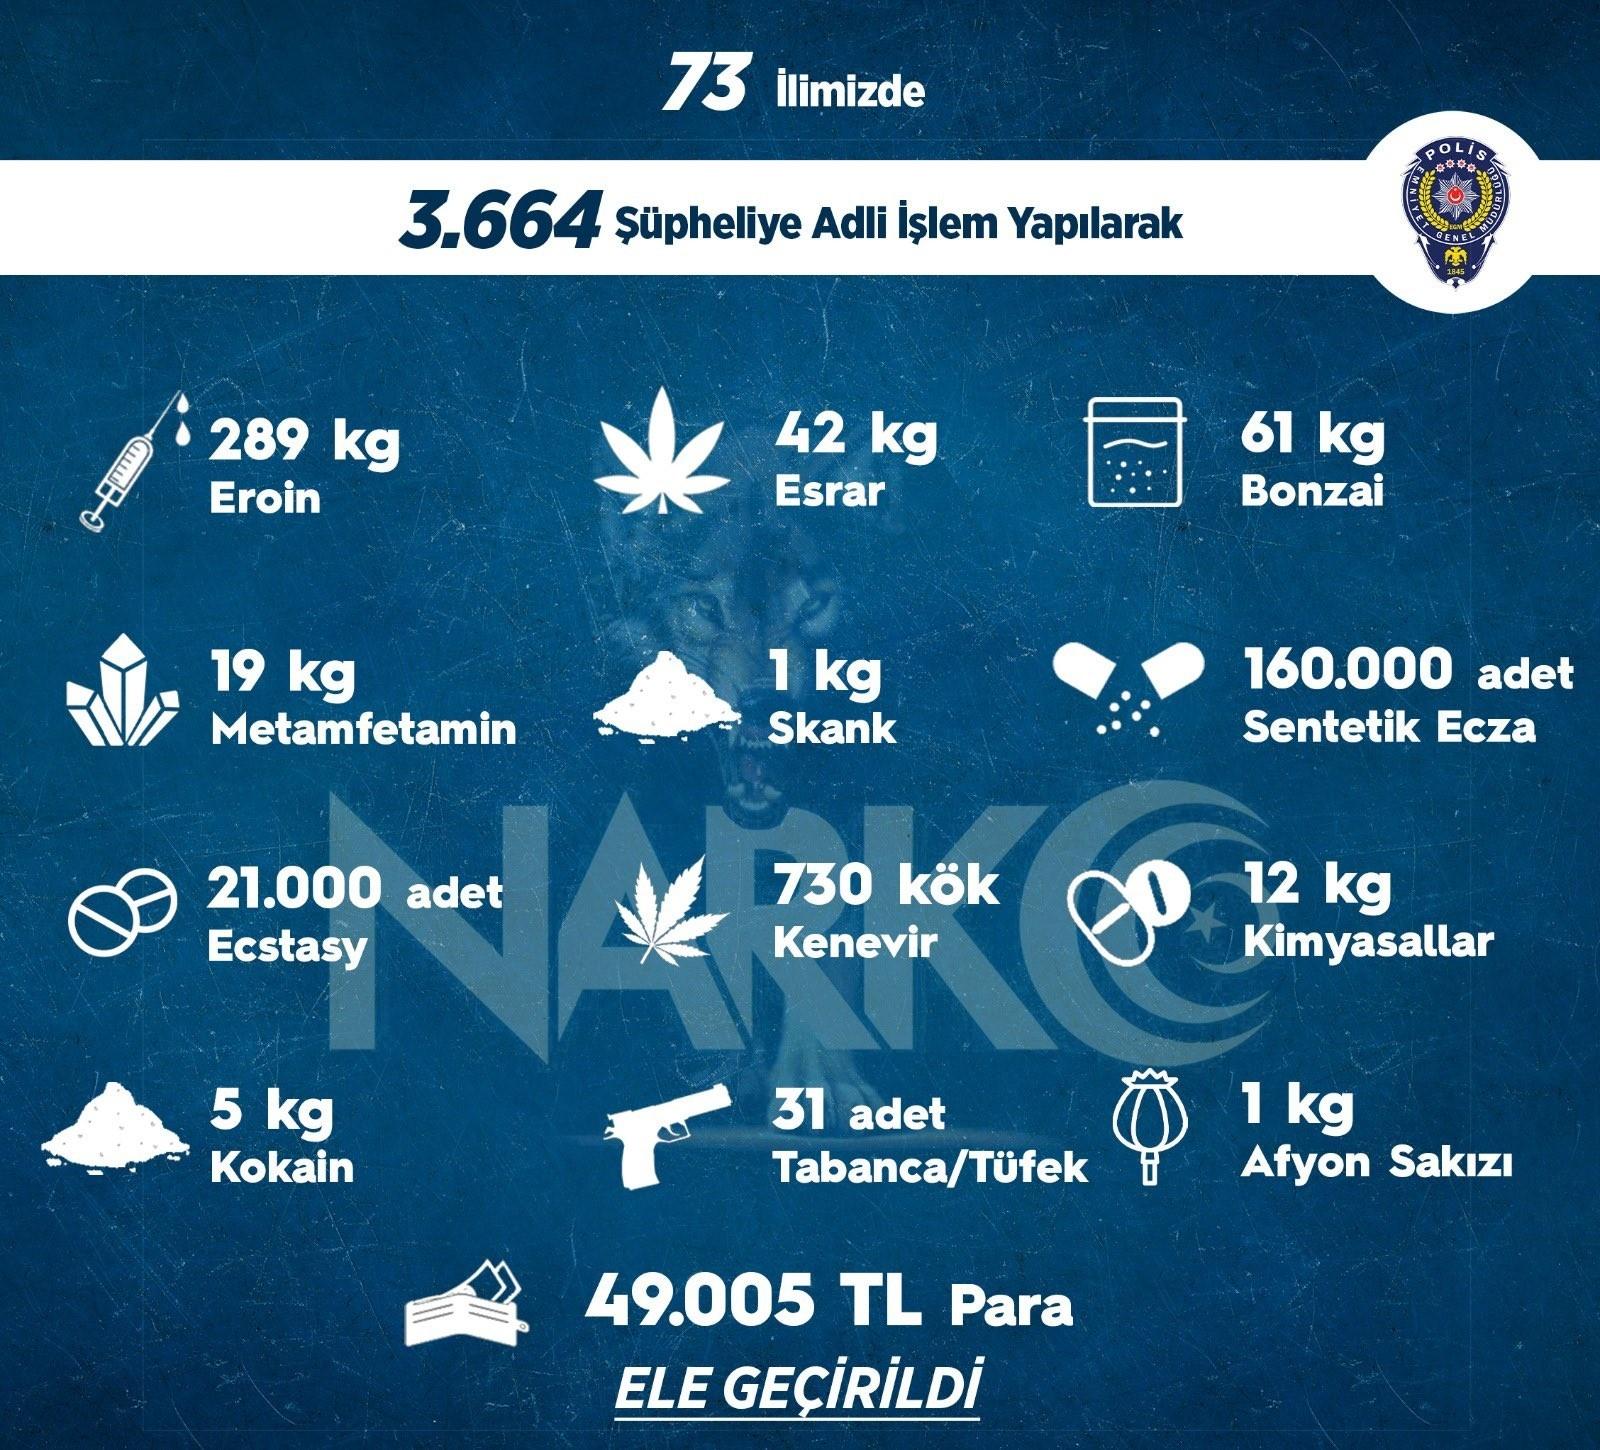 Sokak operasyonlarında bir haftada 3 bin 664 kişiye adli işlem uygulandı